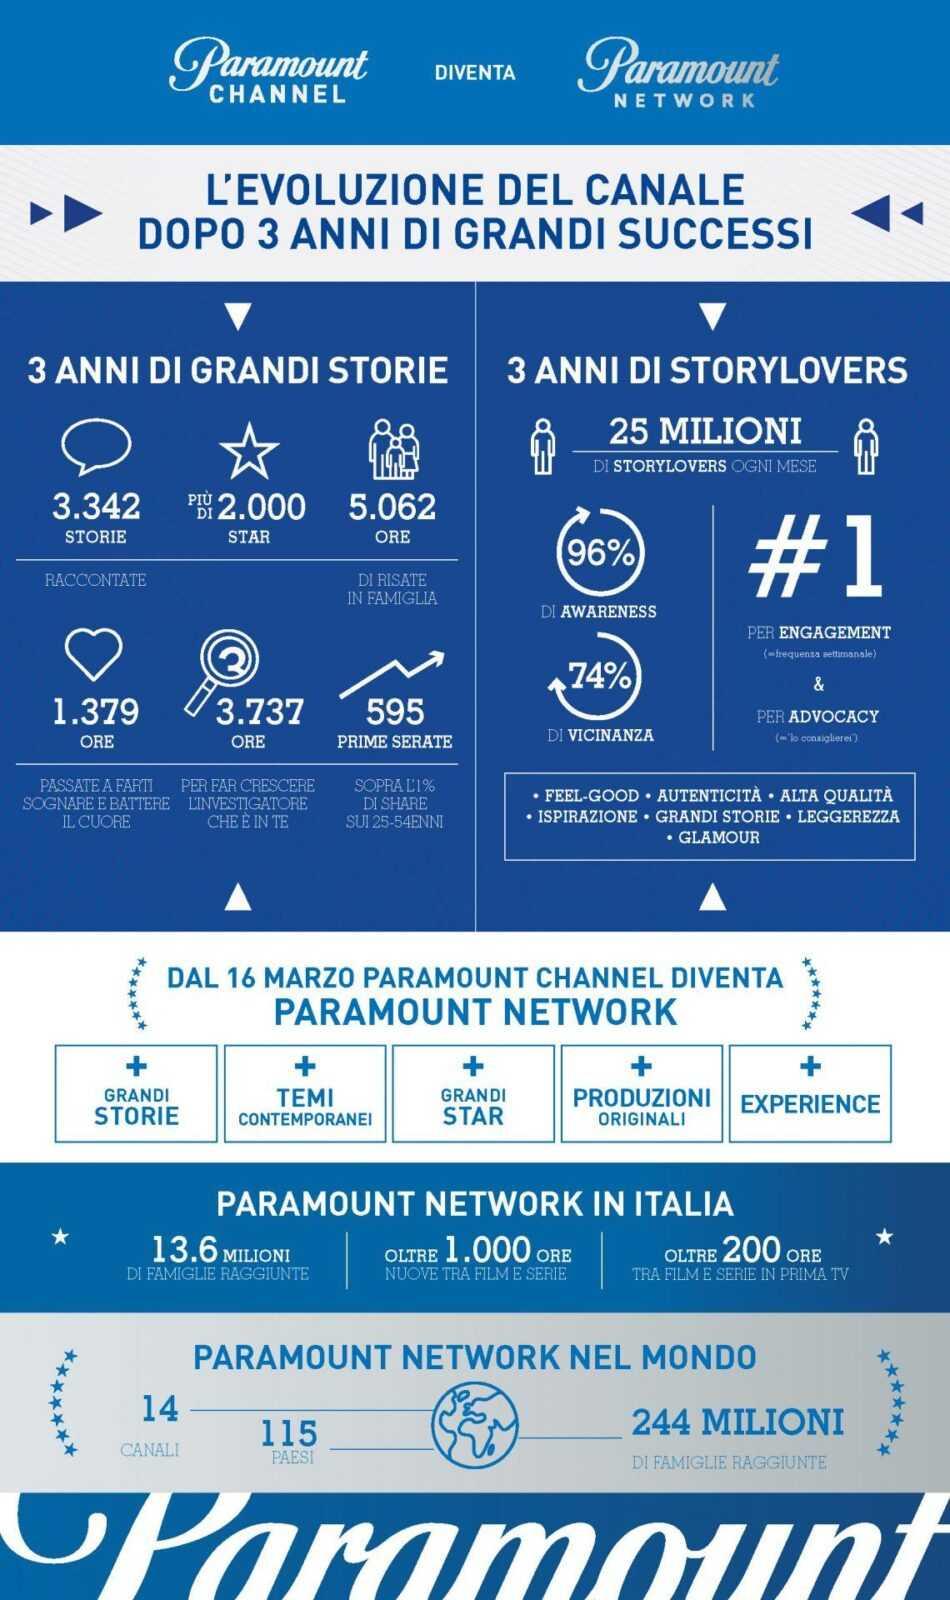 Paramount Channel compie 3 anni e dal 16 marzo diventa Paramount Network